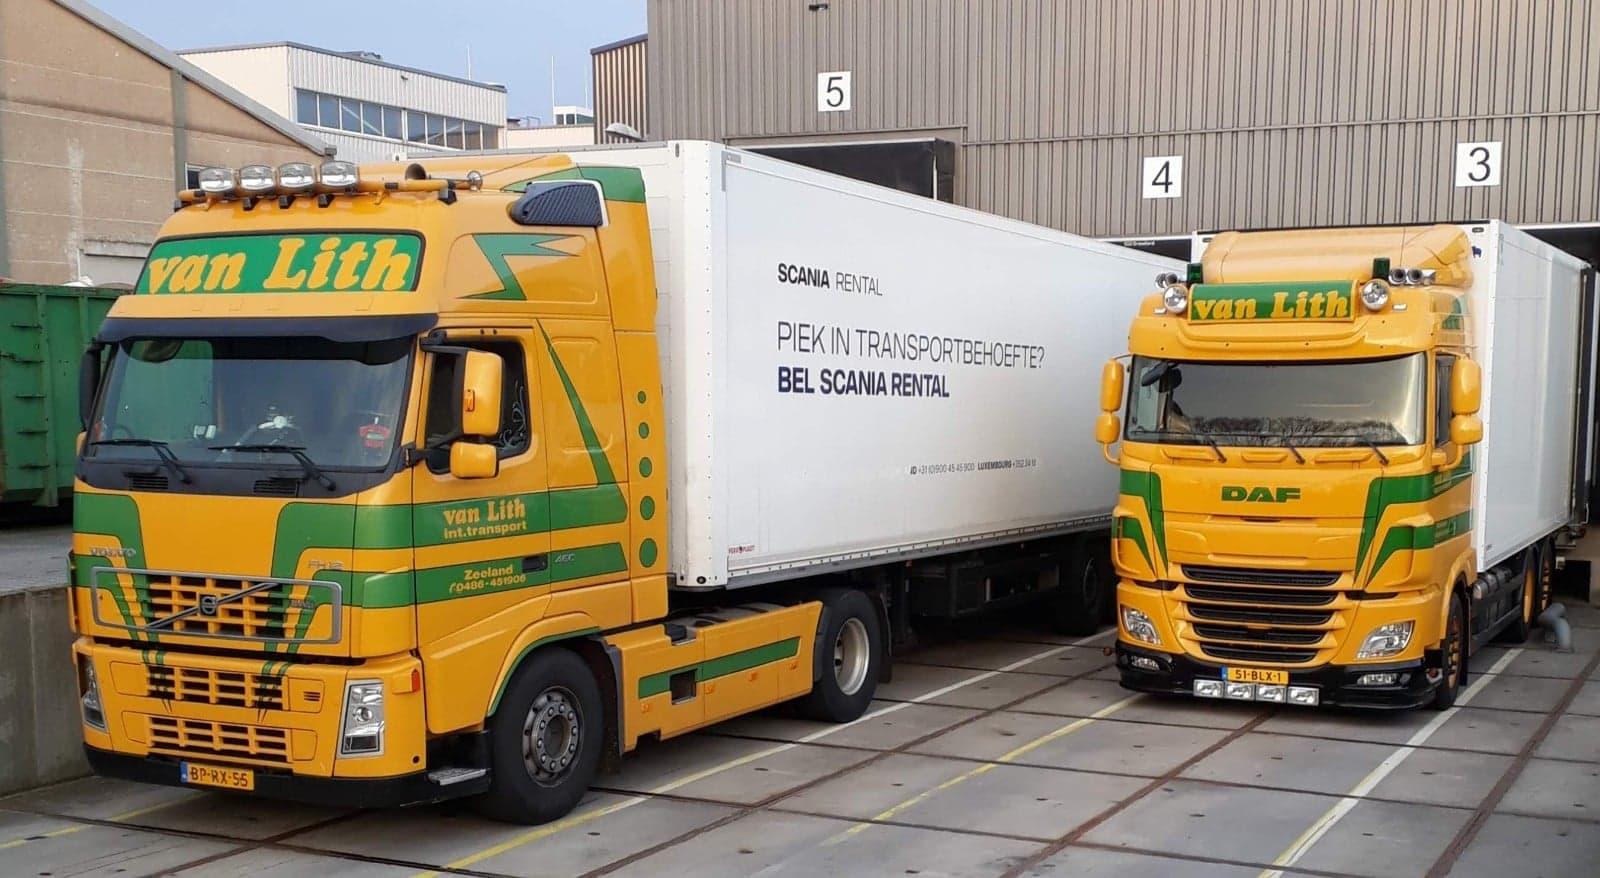 Volvo--DAF